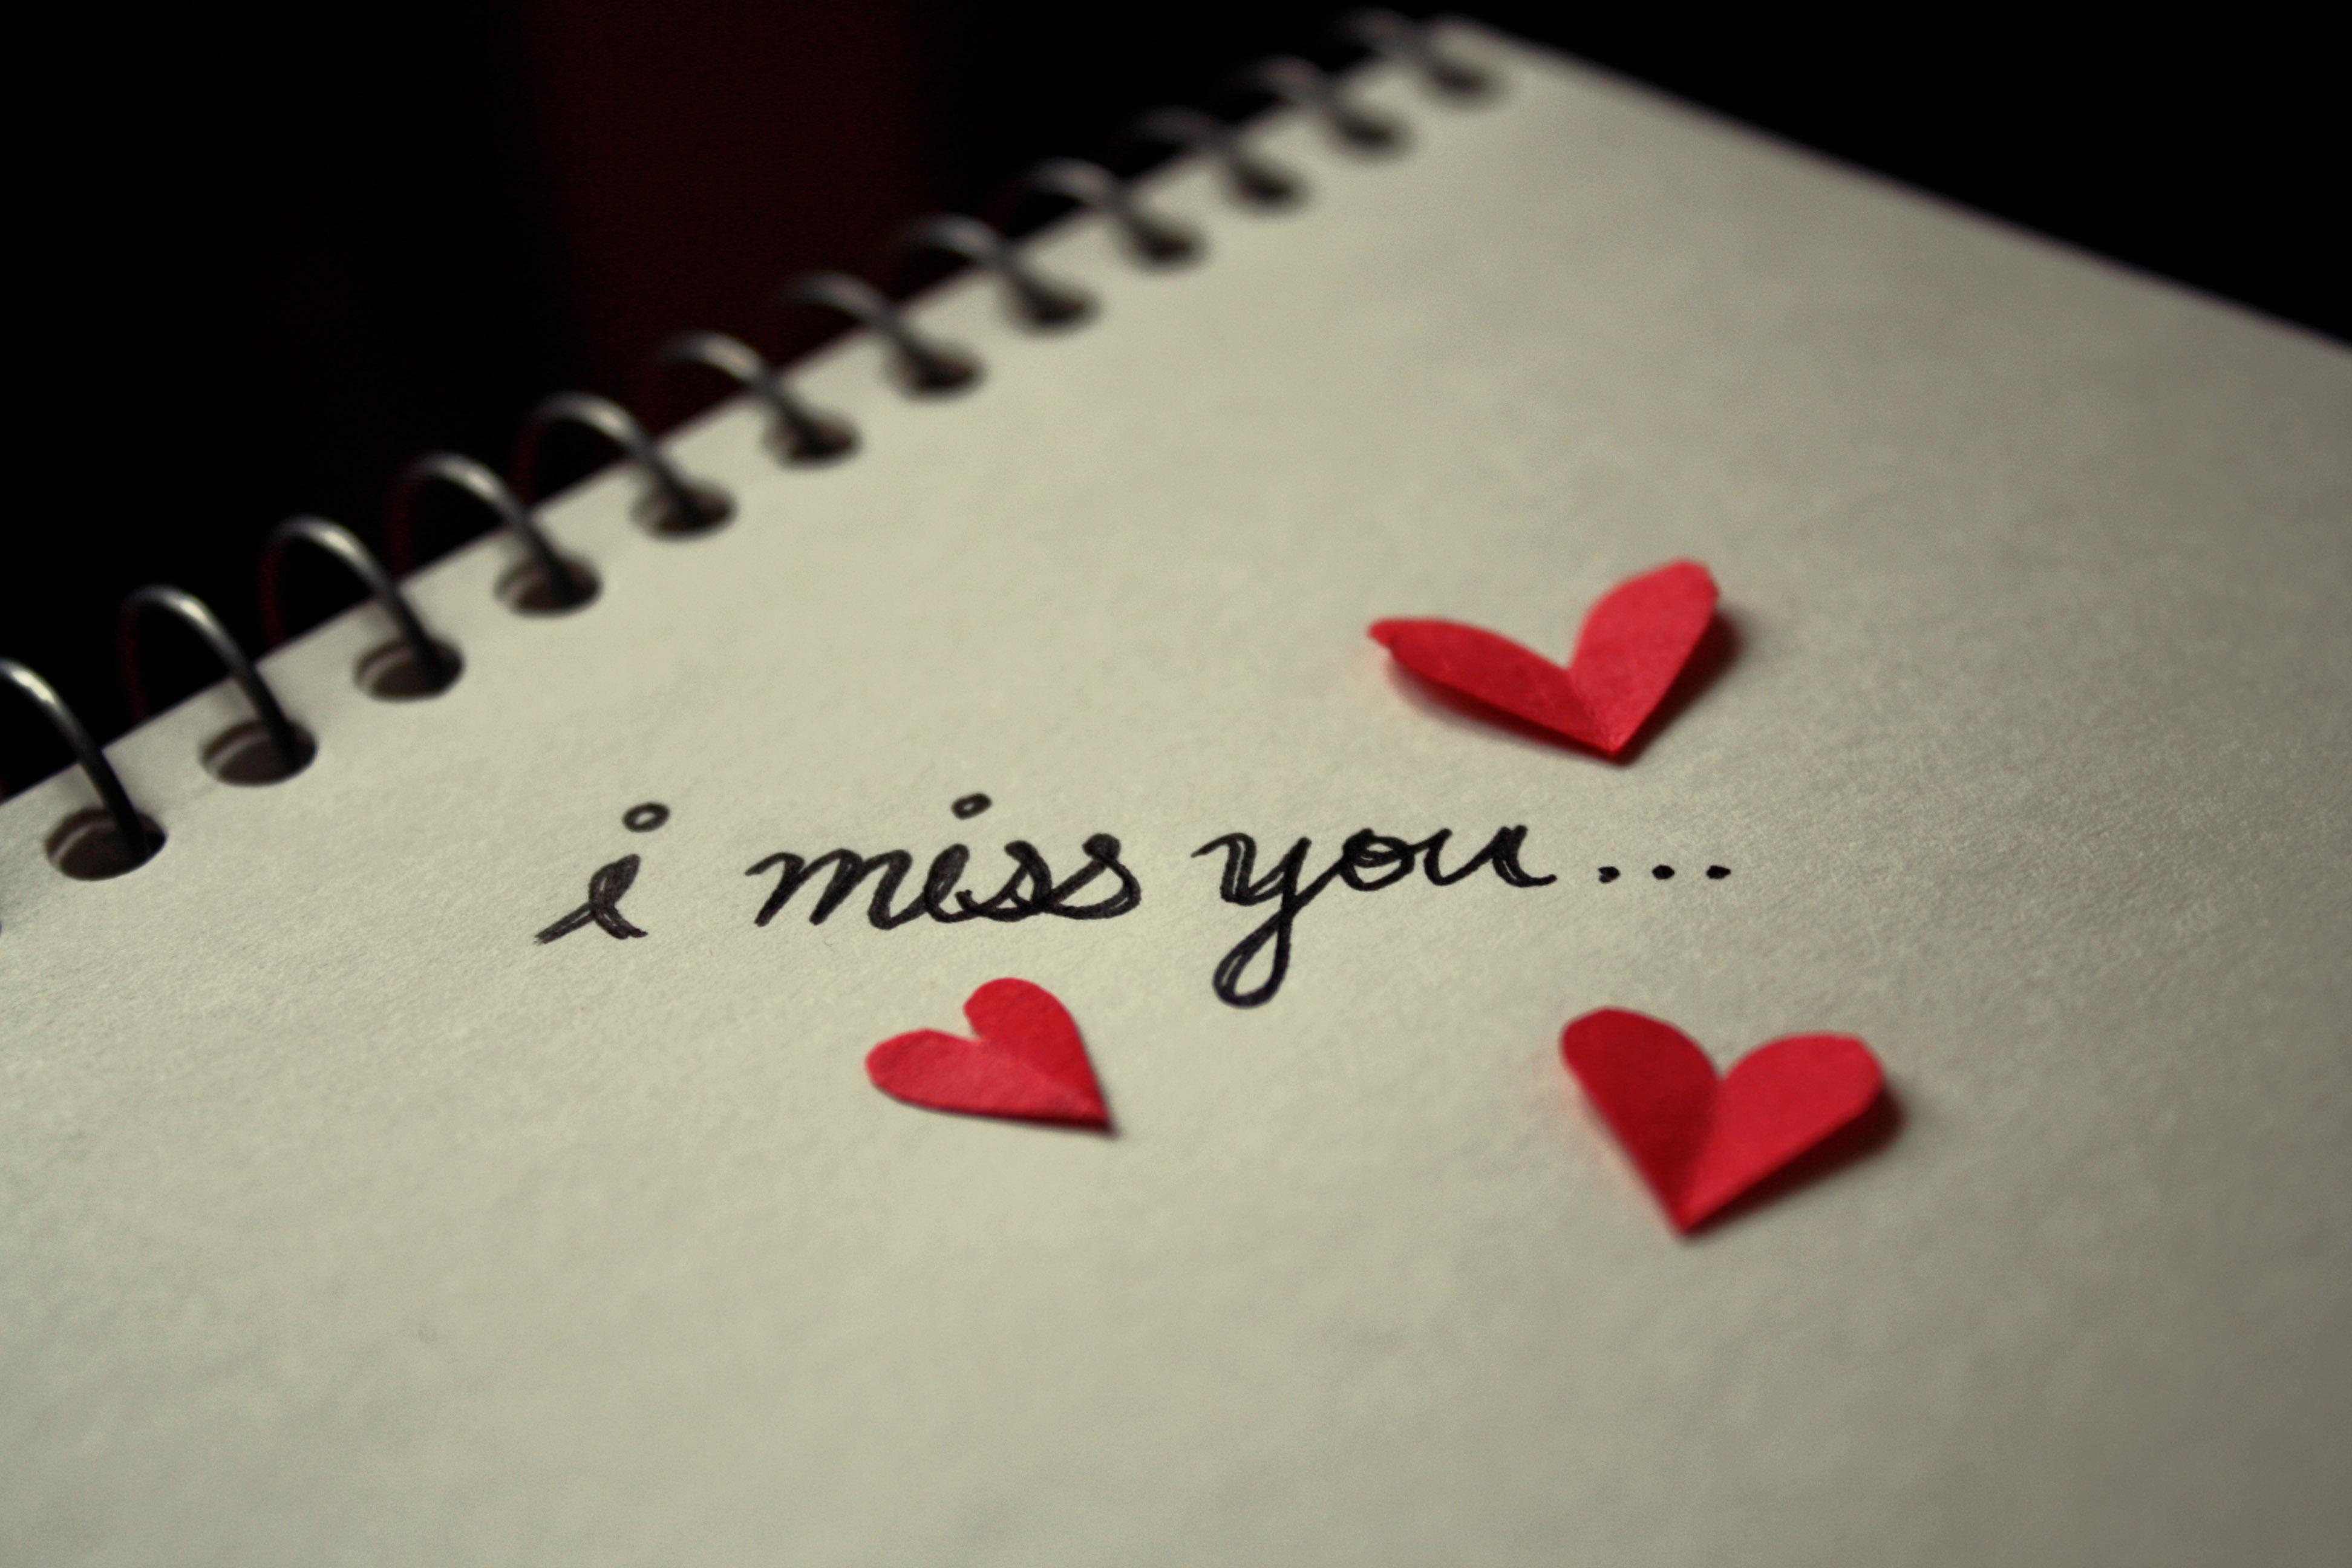 Картинки любимая моя с сердечками скучаю по тебе